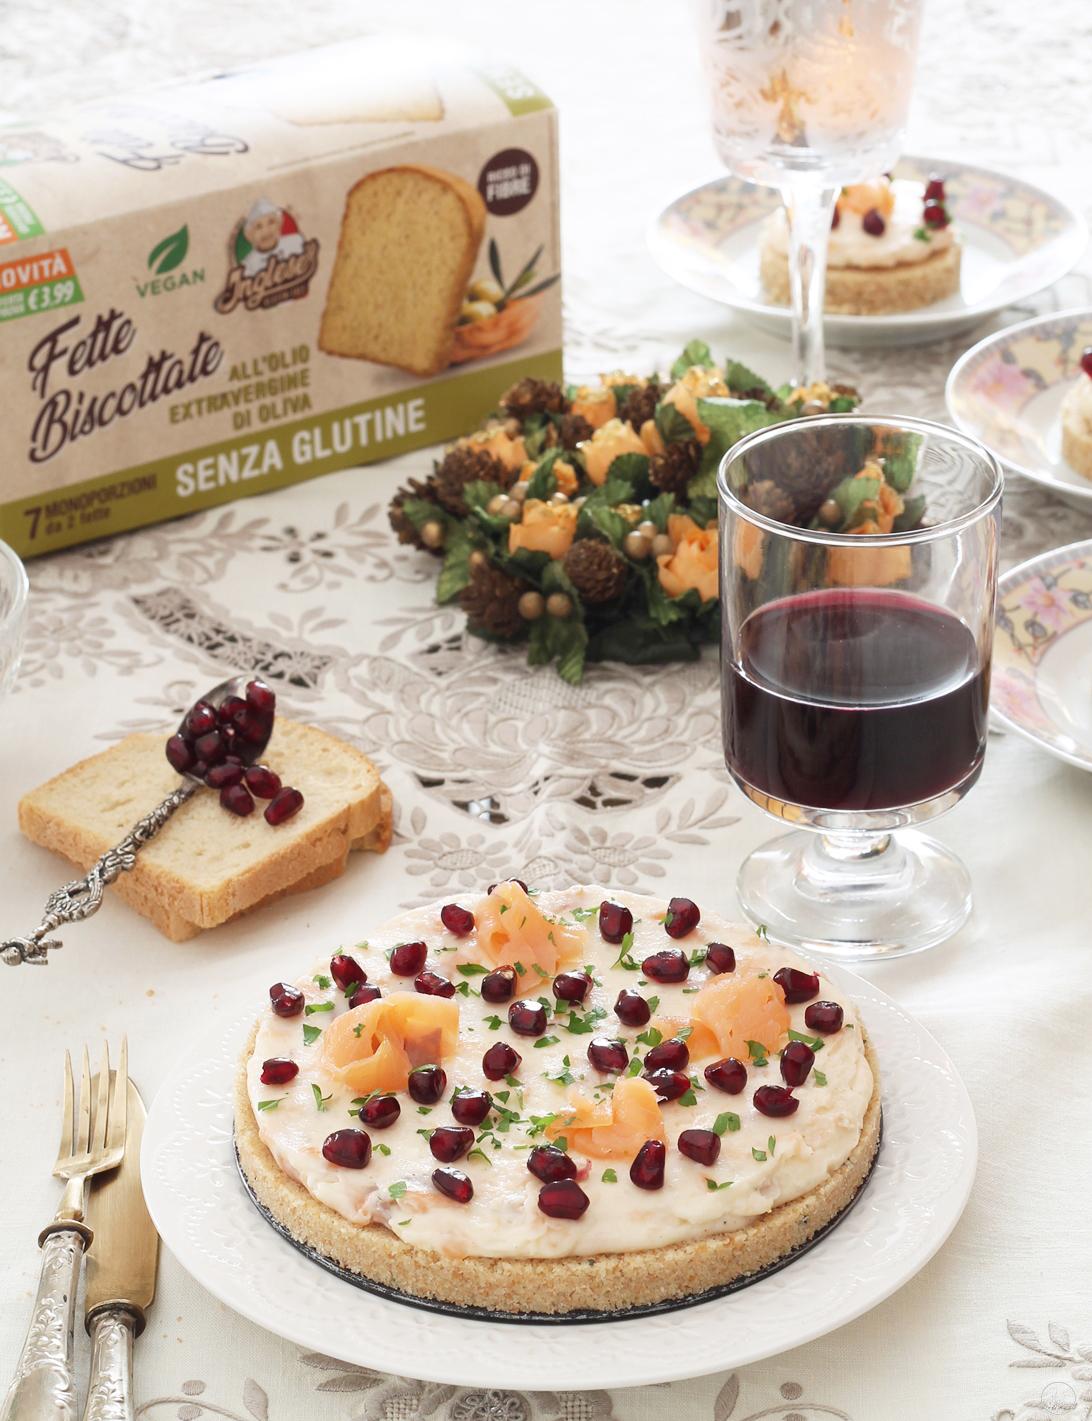 Cheesecake sans gluten avec fromage et saumon - La Cassata Celiaca